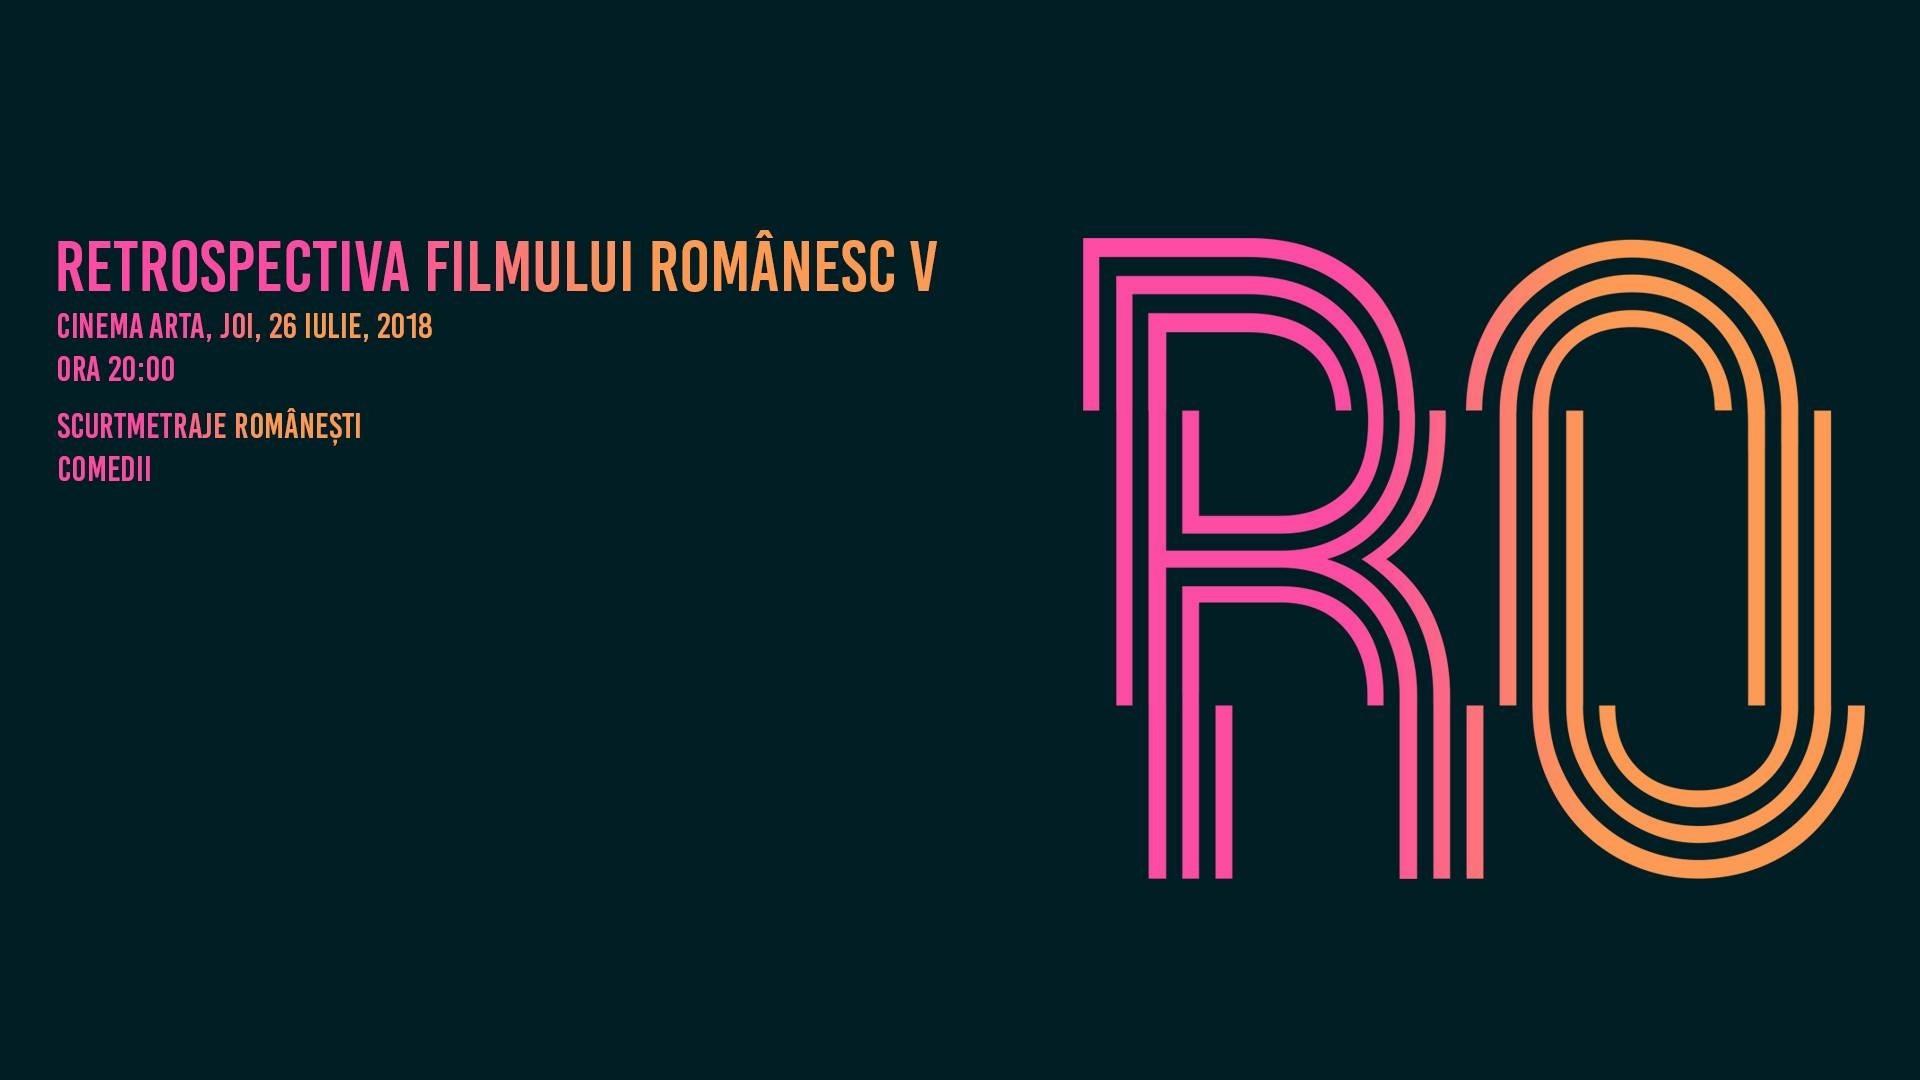 Retrospectiva Filmului Românesc V - Comedii scurte de festival la Cinema Arta